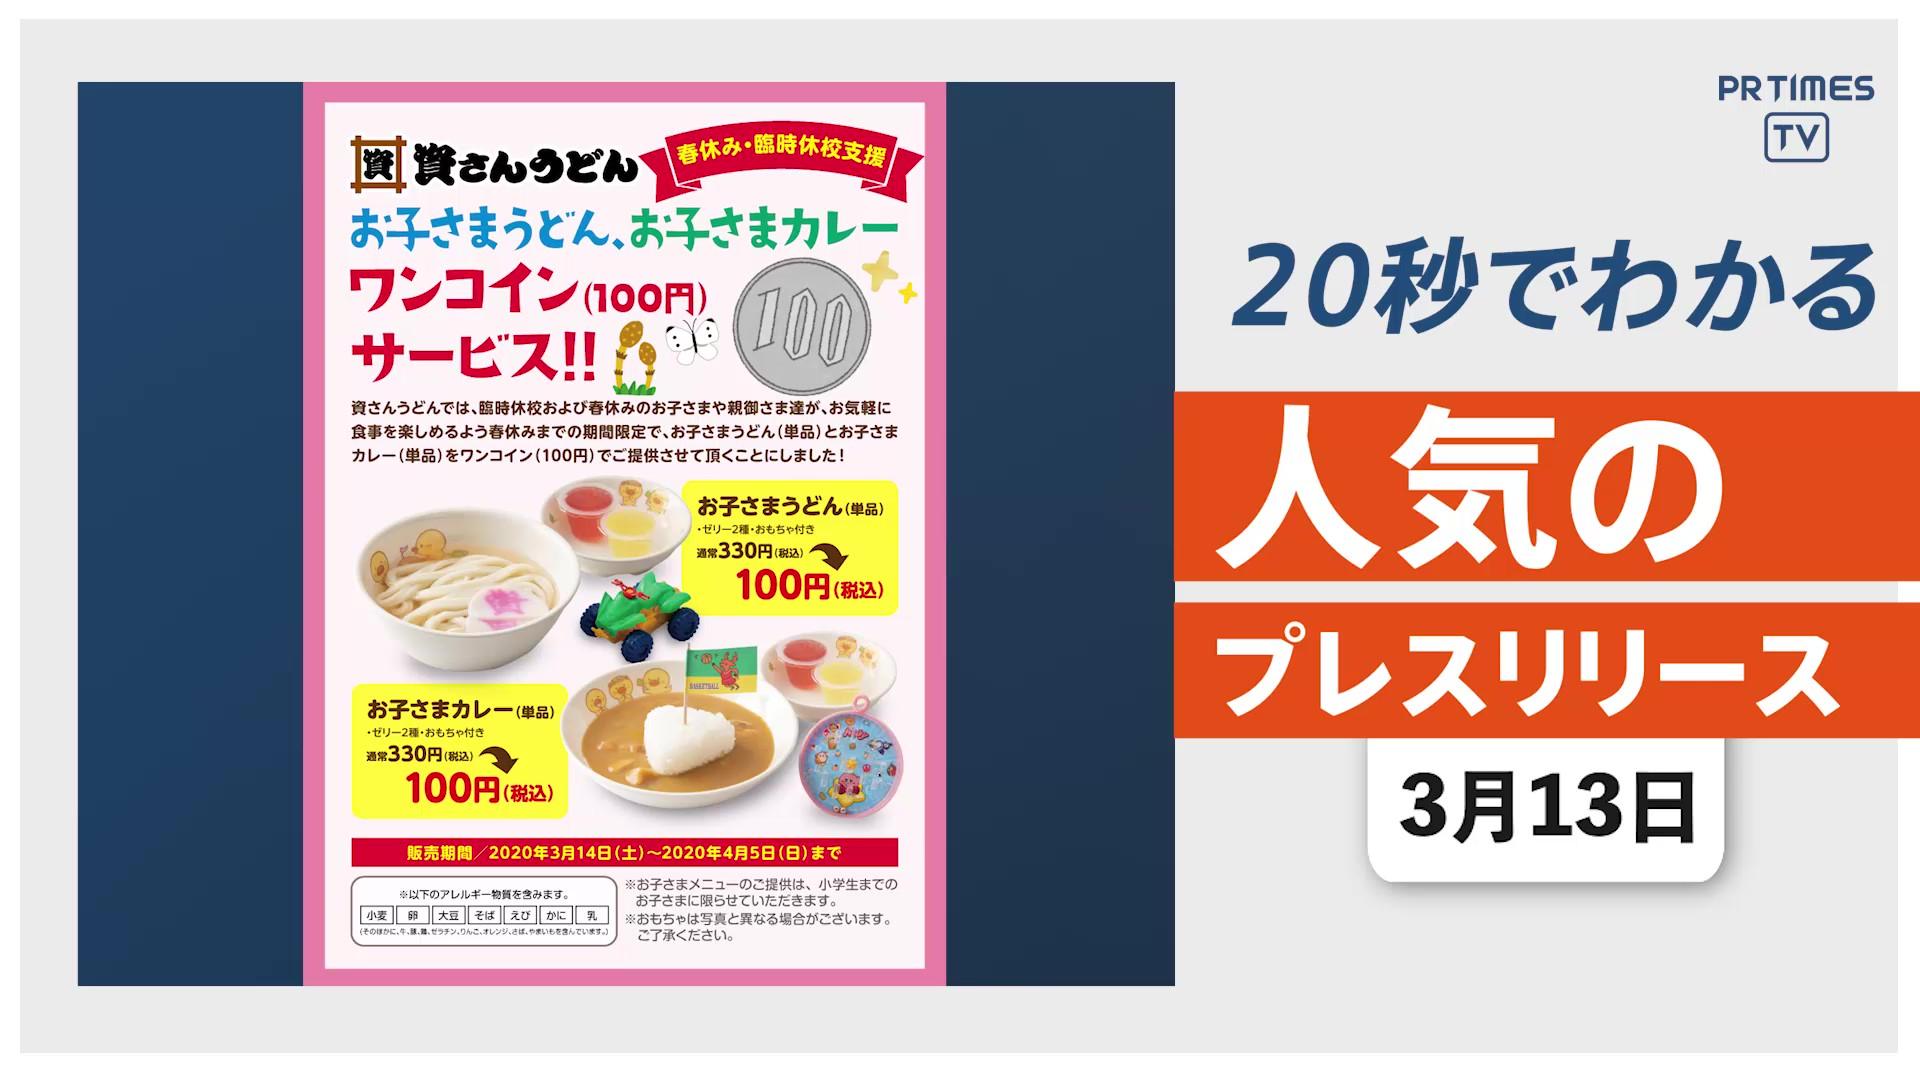 【「資さんうどん」子ども用の2メニューを 期間限定100円で提供】他、新着トレンド3月13日